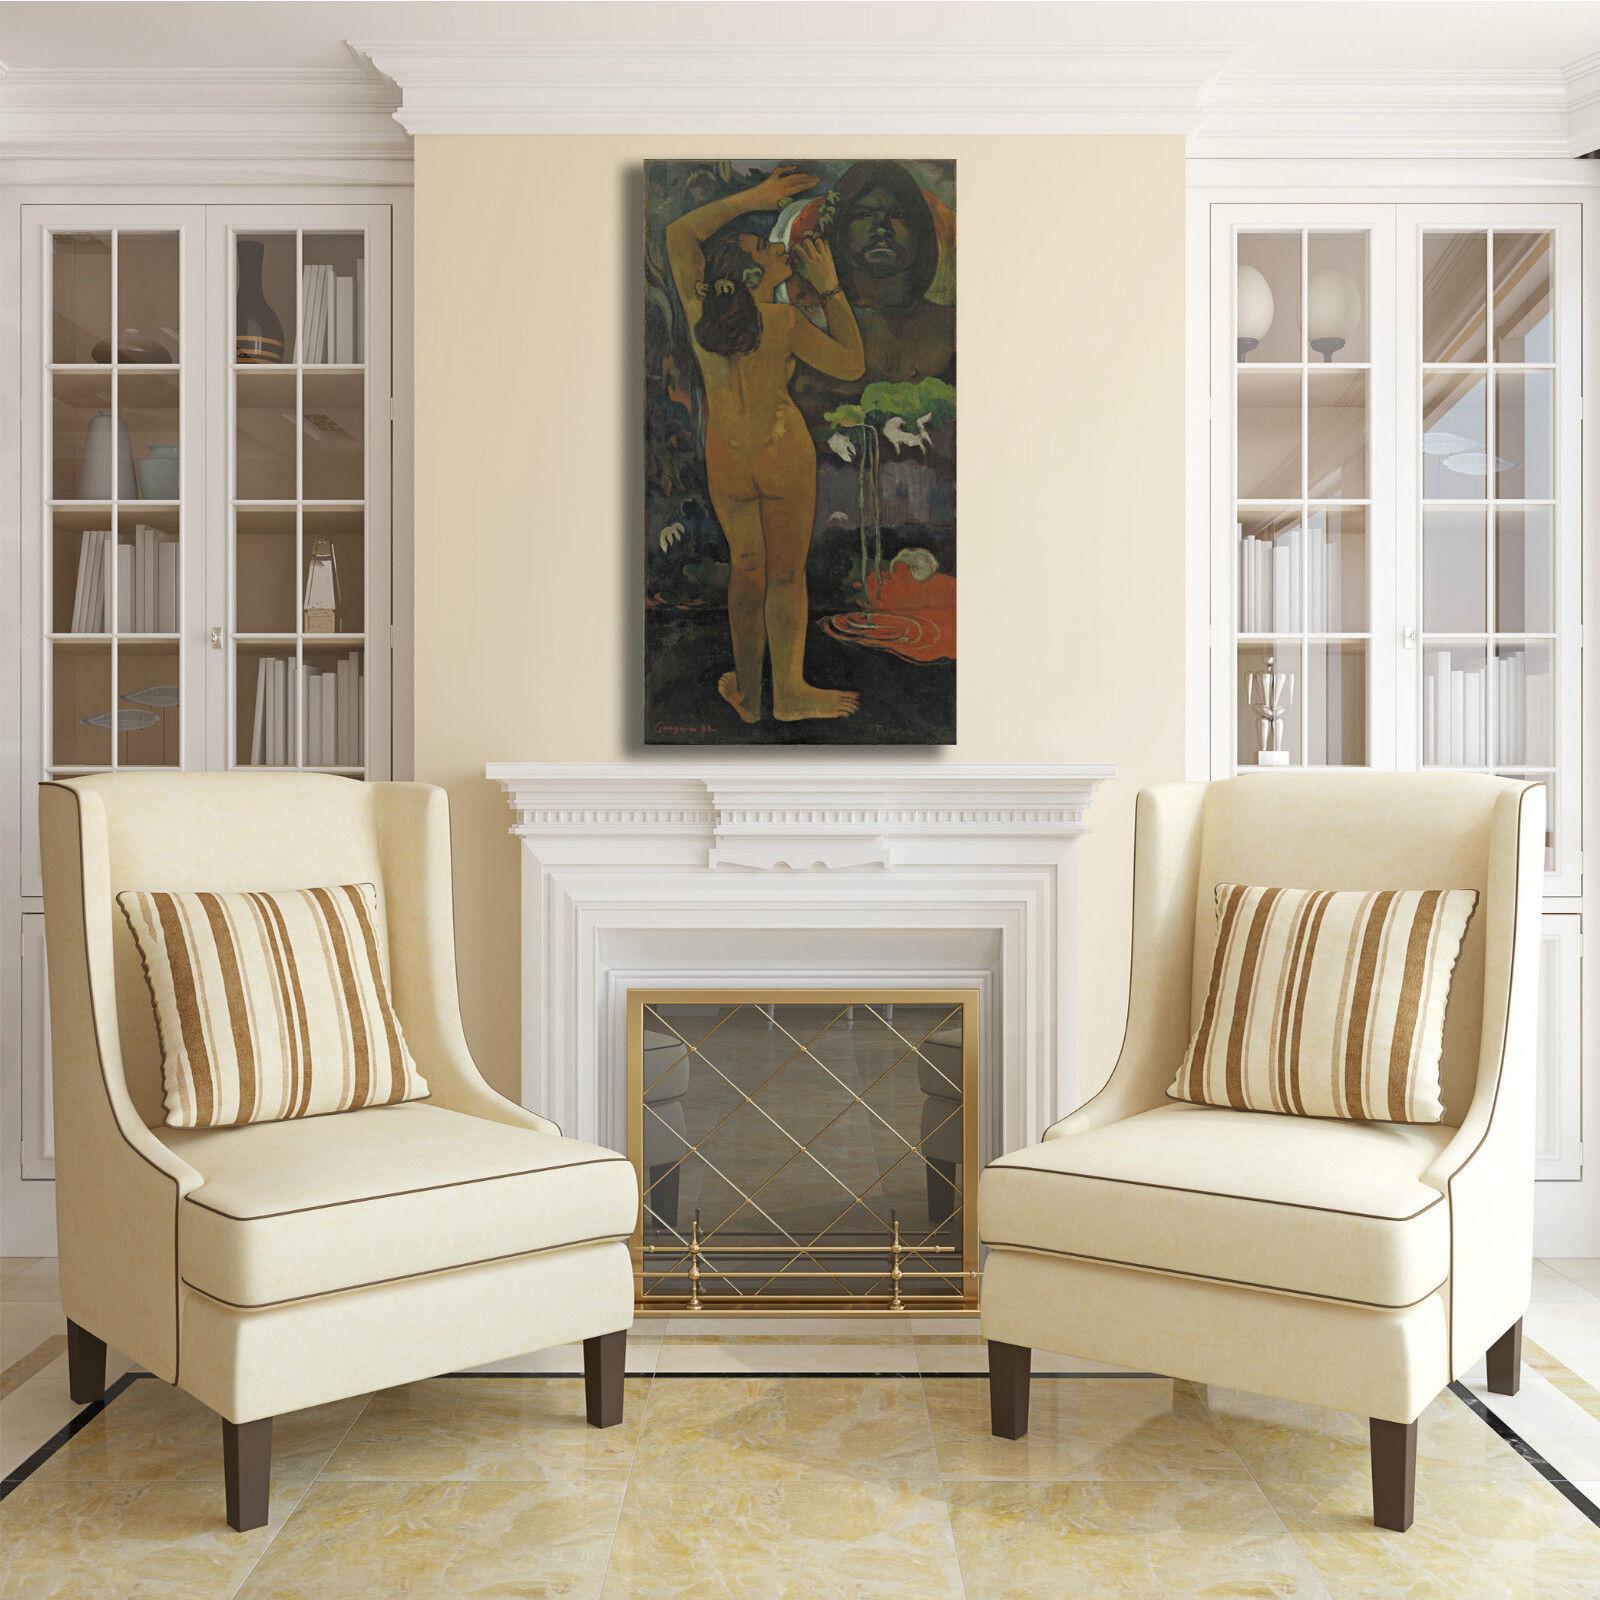 Gauguin la luna e la design terra design la quadro stampa tela dipinto telaio arRouge o casa 9a12e5